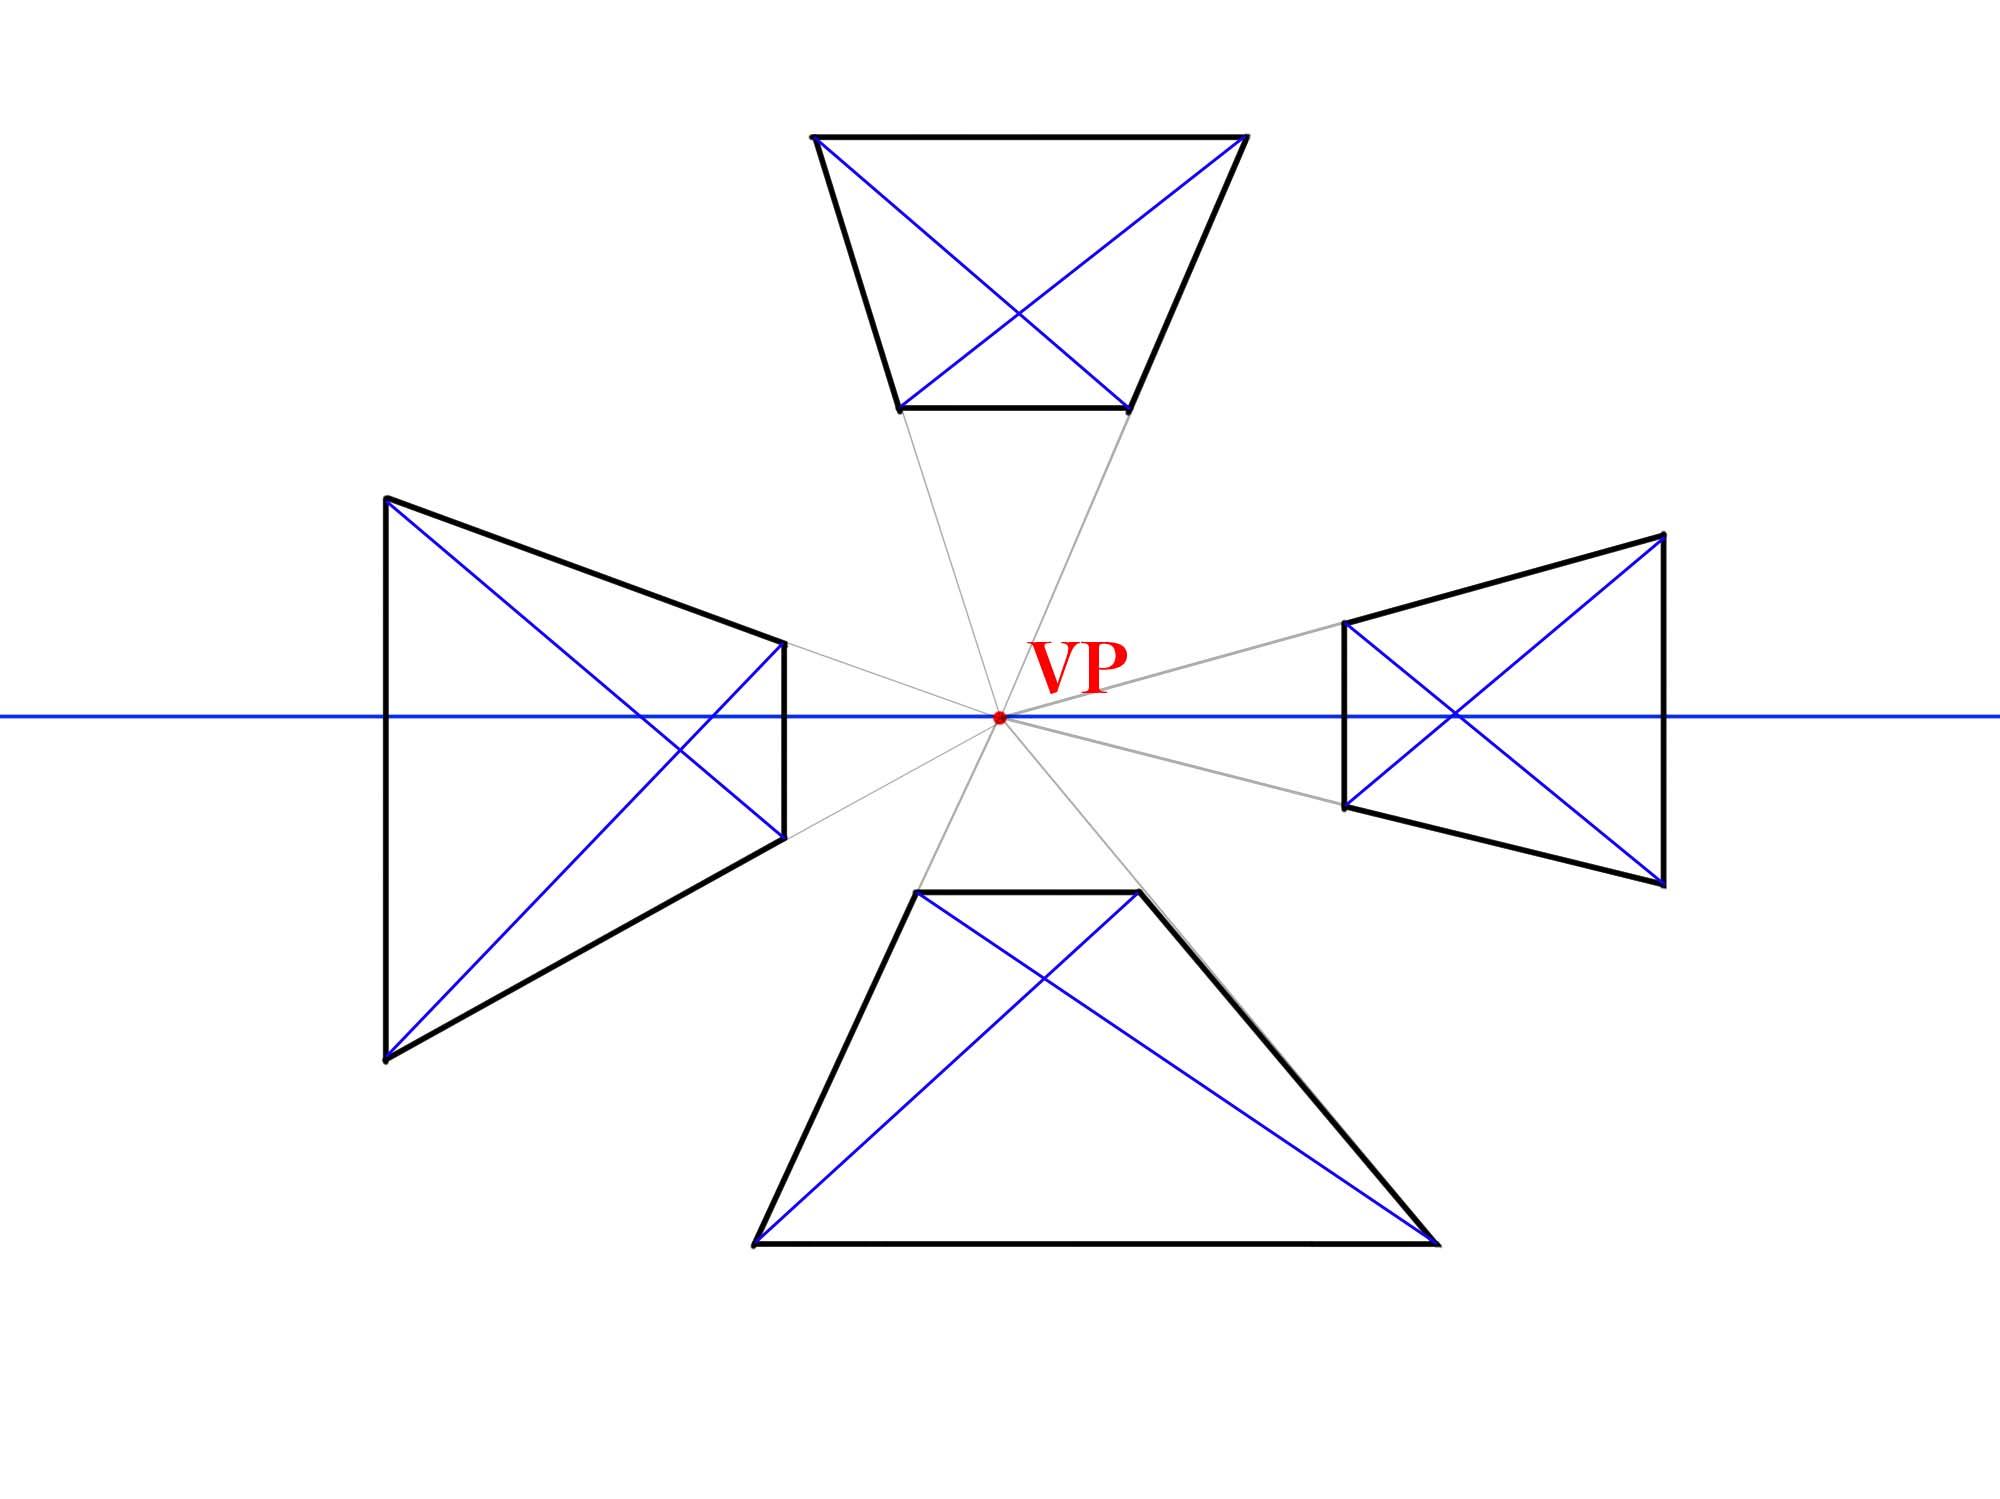 対角線で分割①